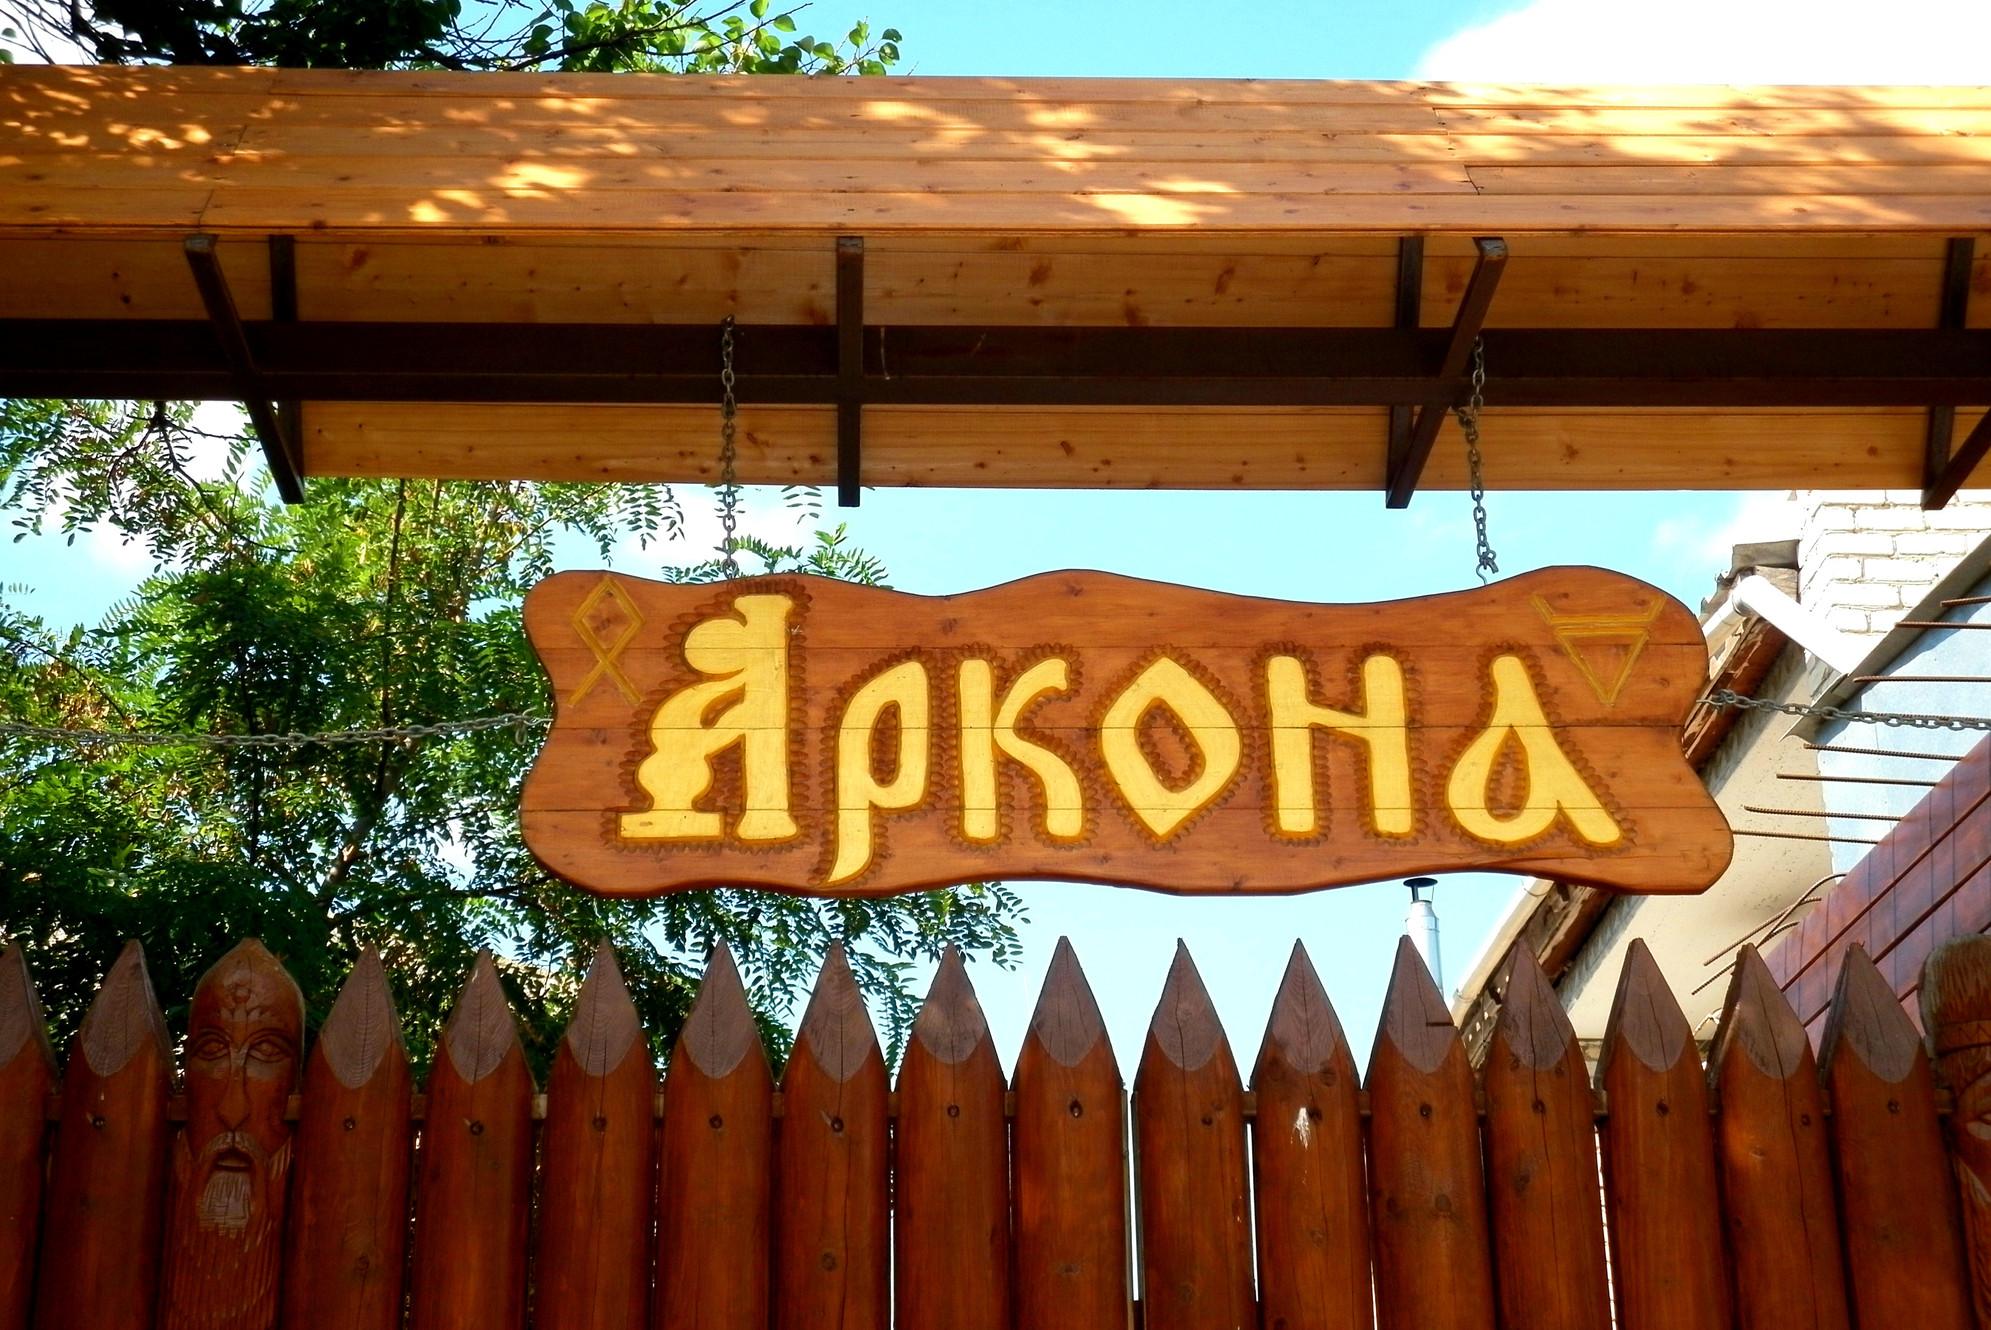 (c) Arkona-anapa.ru